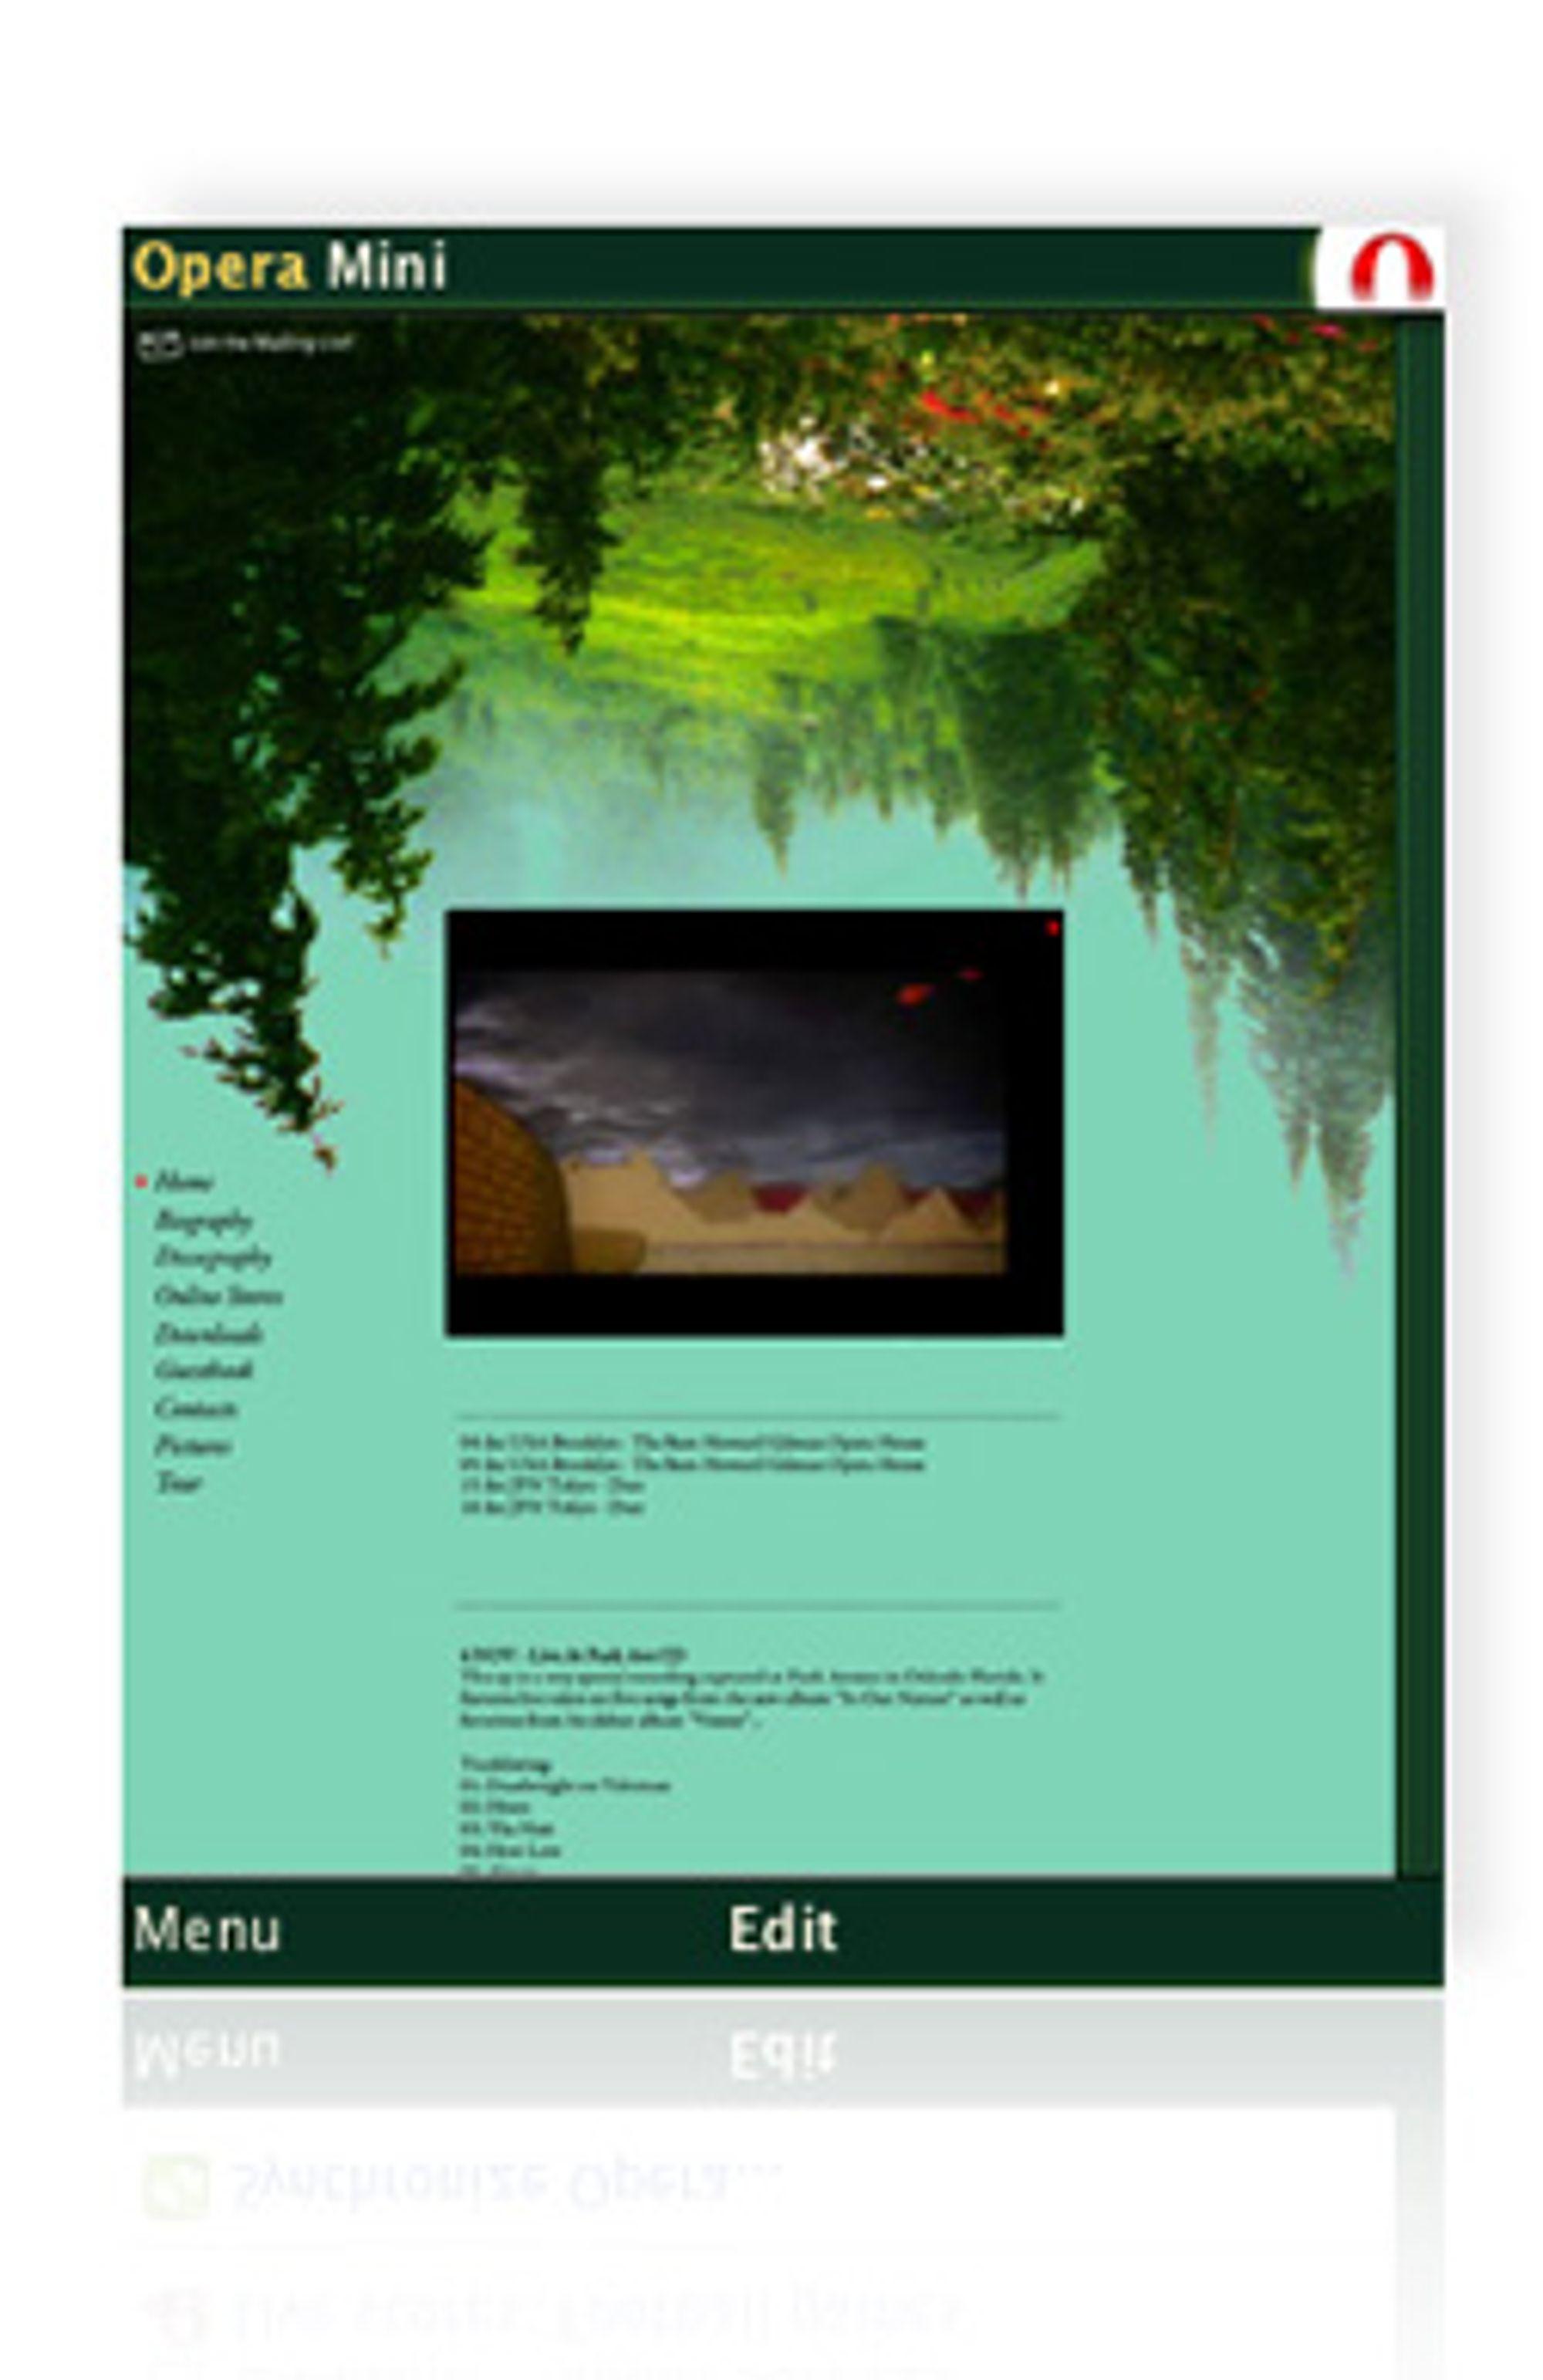 Grønn er en av de nye fargene i Opera Mini 4.2. (Foto: Opera)